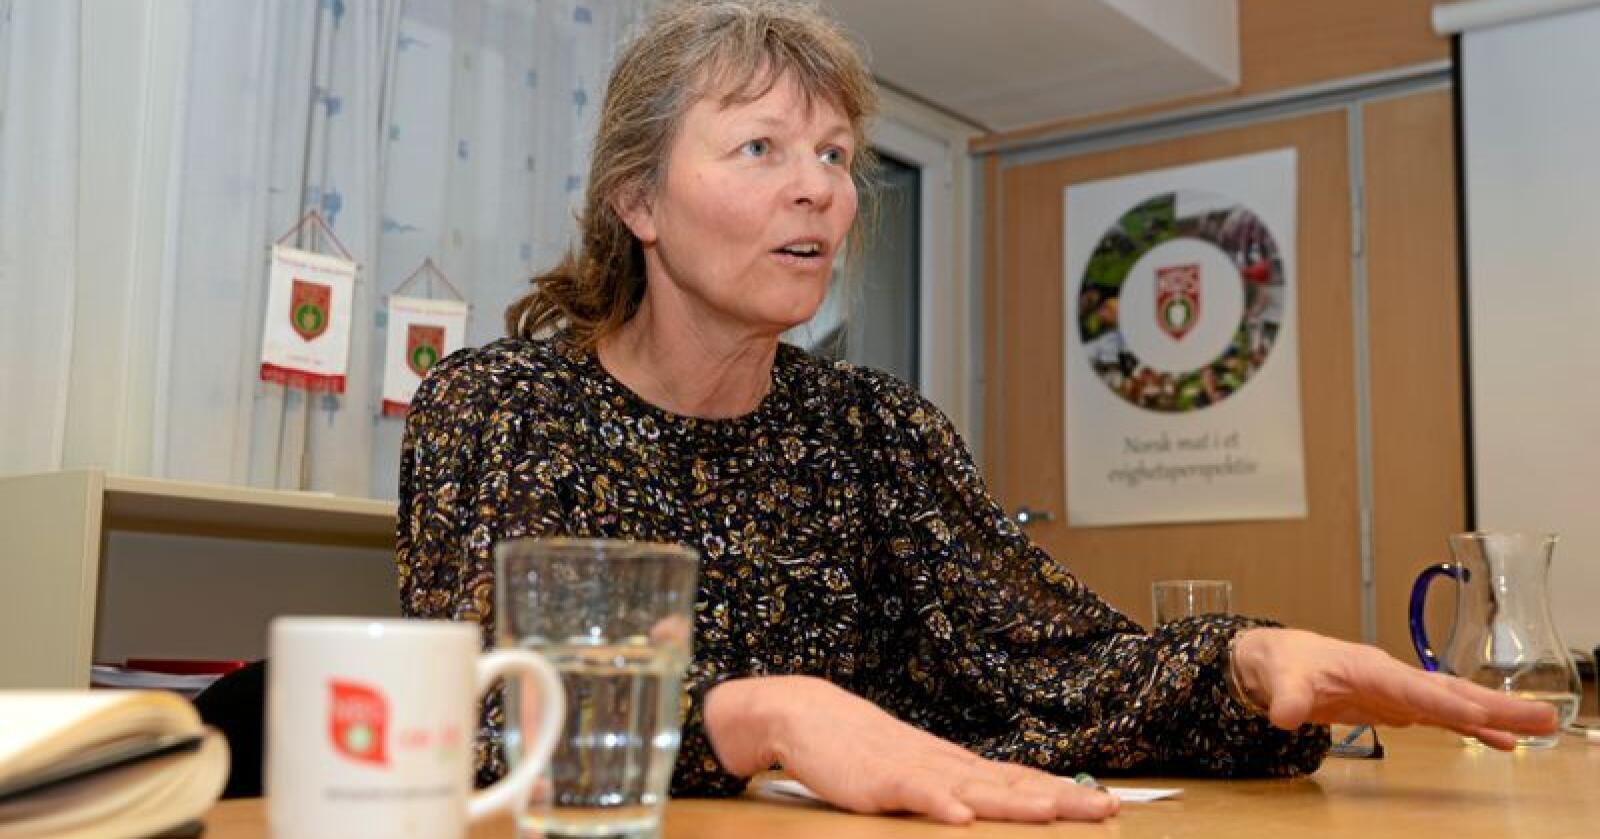 Leder i Norsk bonde- og småbrukarlag, Kjersti Hoff. Foto: Mariann Tvete